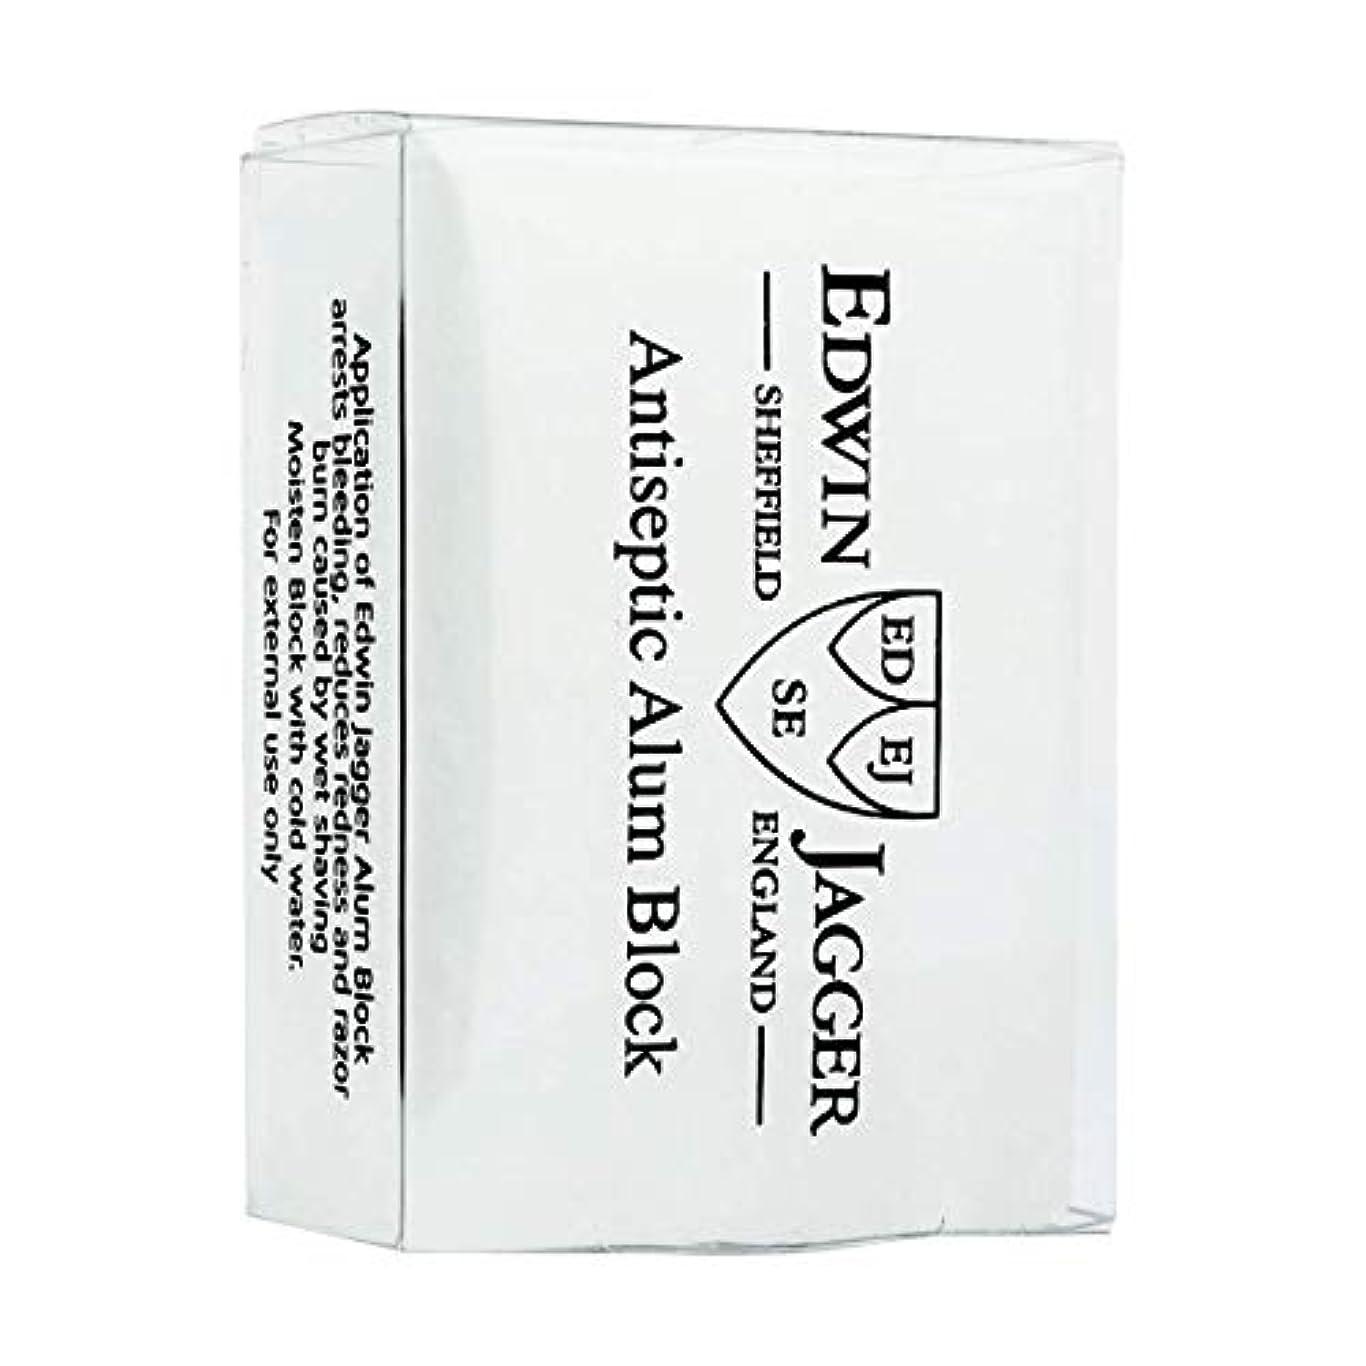 うまれた繊毛気分が良いエドウィンジャガー アンチセプティック ミョウバンブロック54g[海外直送品]Edwin Jagger Antiseptic Alum Block 54g [並行輸入品]